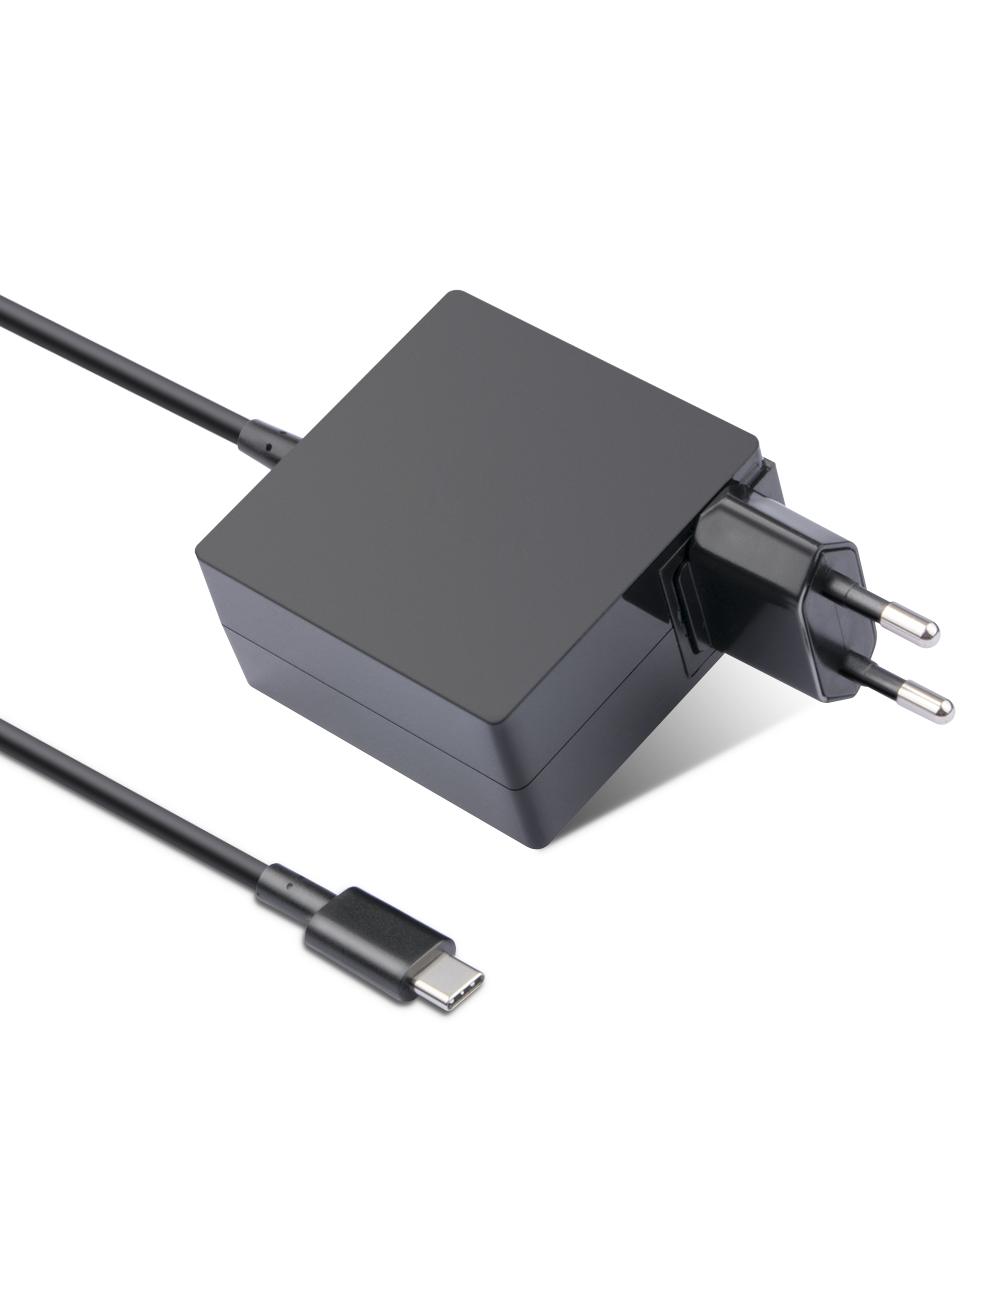 Cargador USB tipo C de 65W para smartphones, tablets, portátiles, ultrabooks y cualquier otro dispositivo con puerto USB-C.